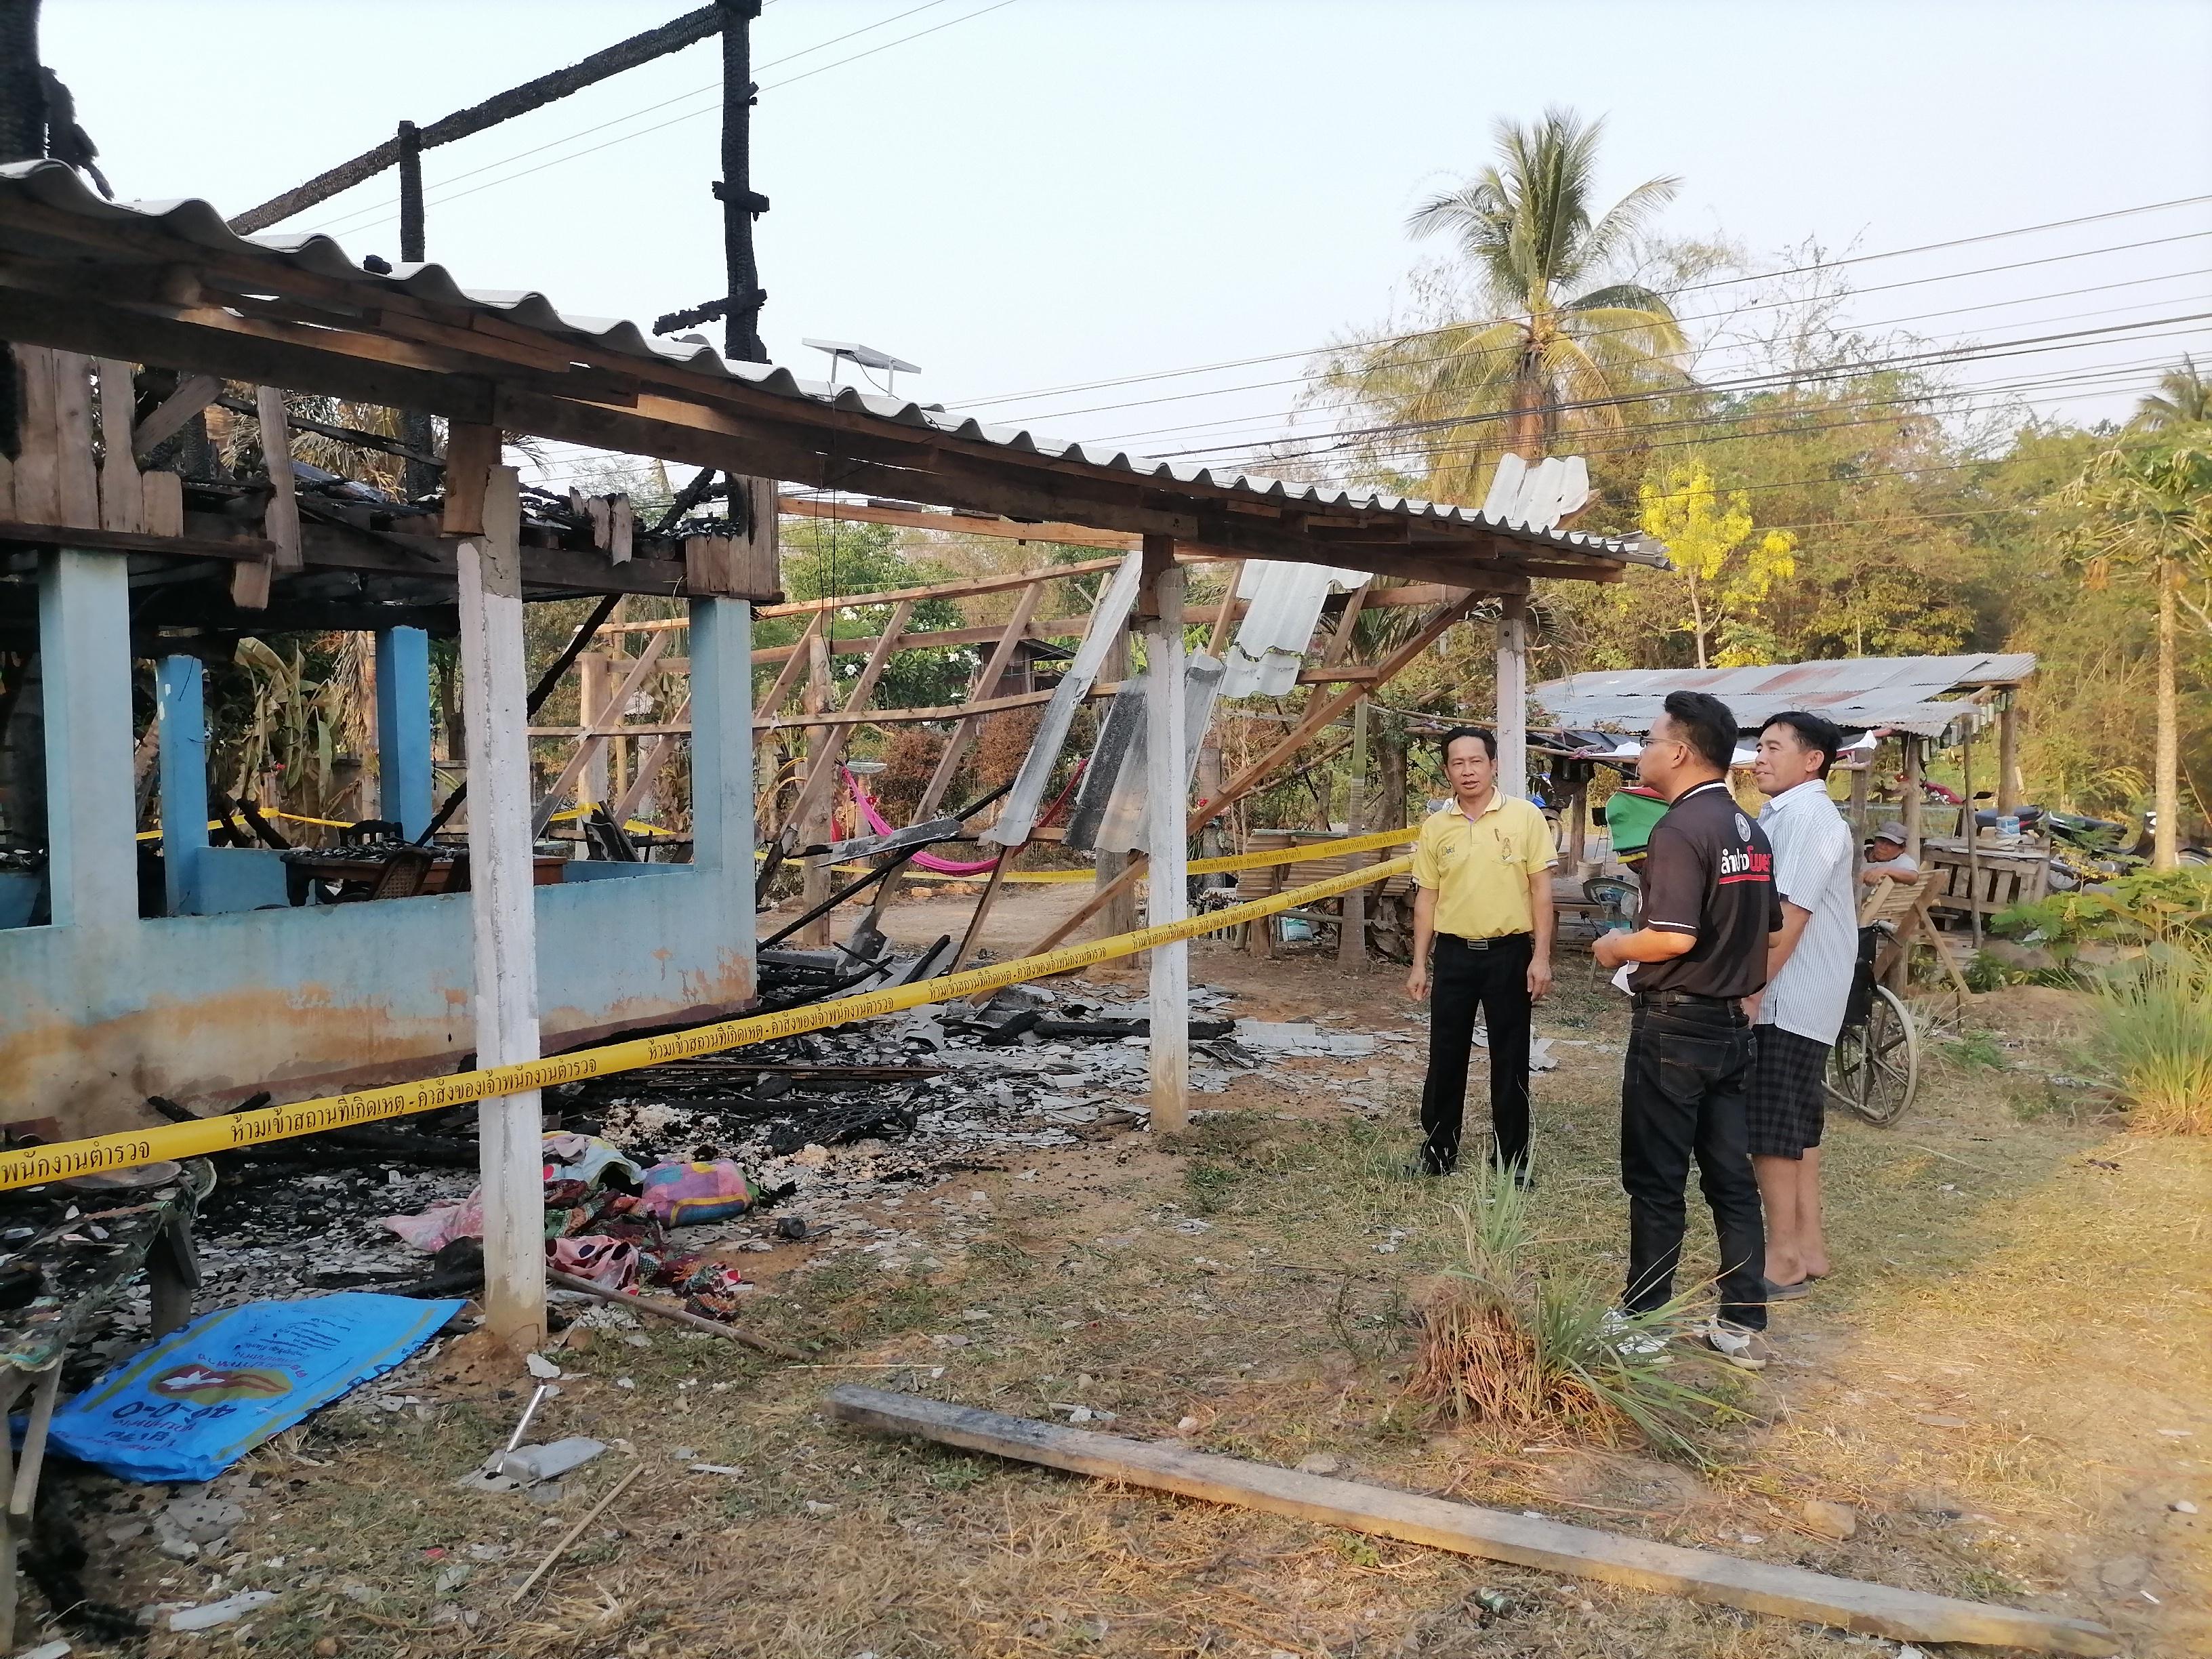 ลำปางตั้งศูนย์รับบริจาคช่วยเหลือเหยื่อไฟไหม้บ้าน